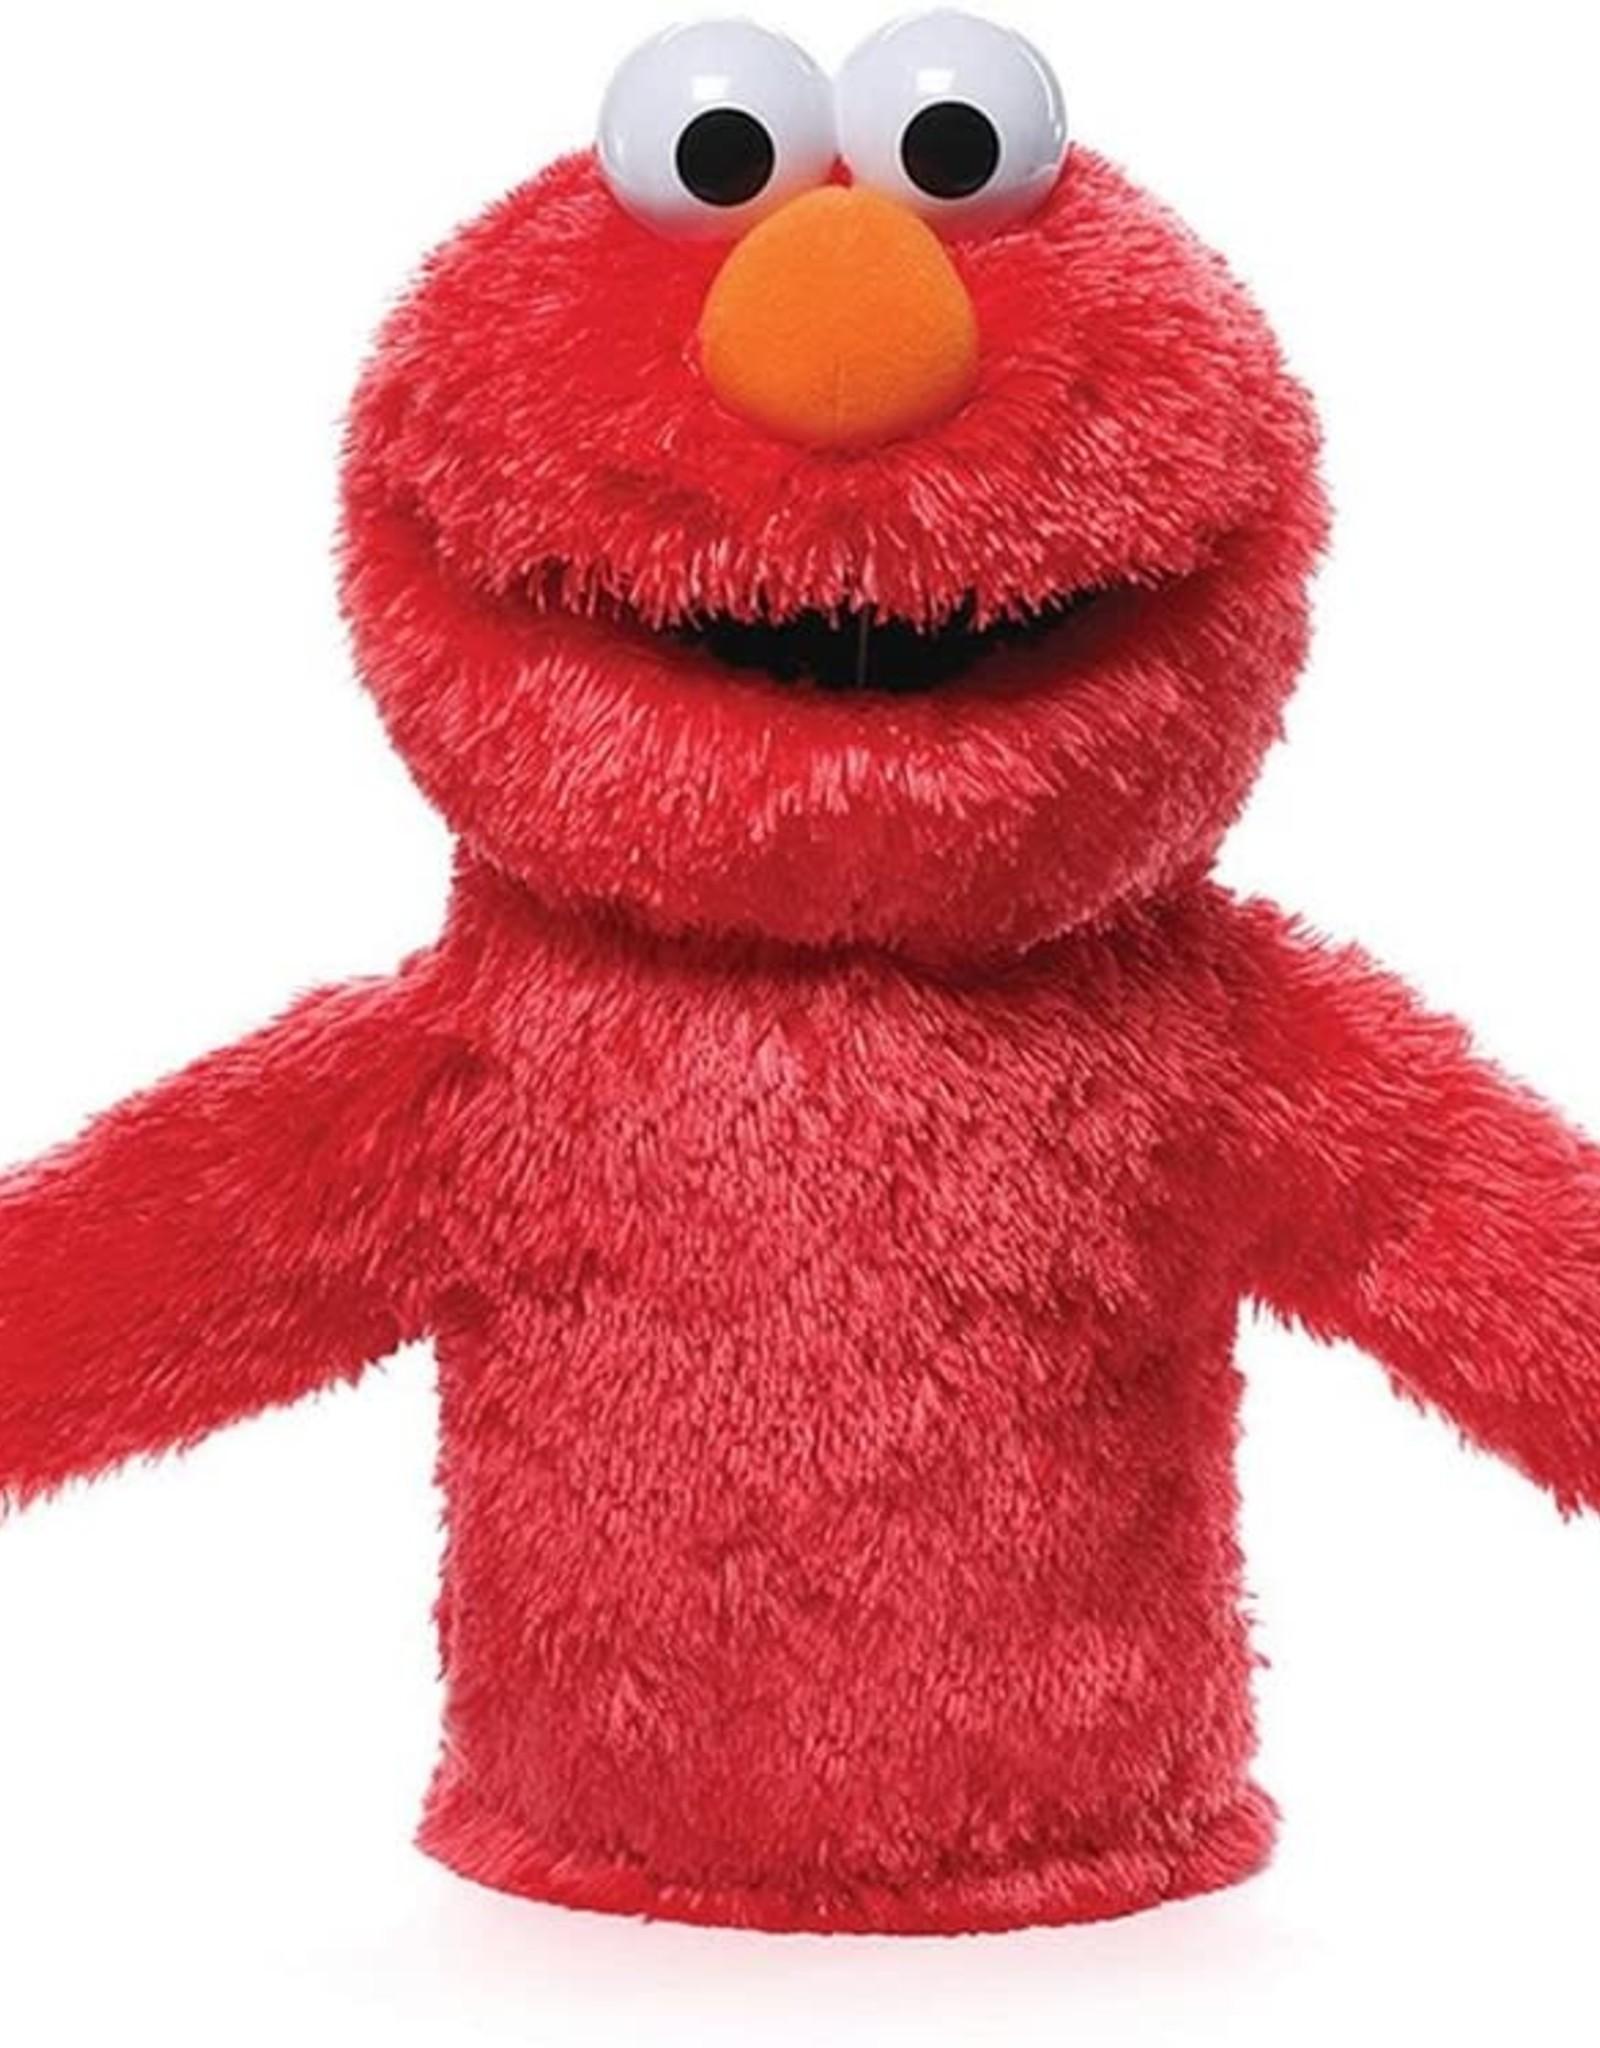 Gund Puppet Elmo